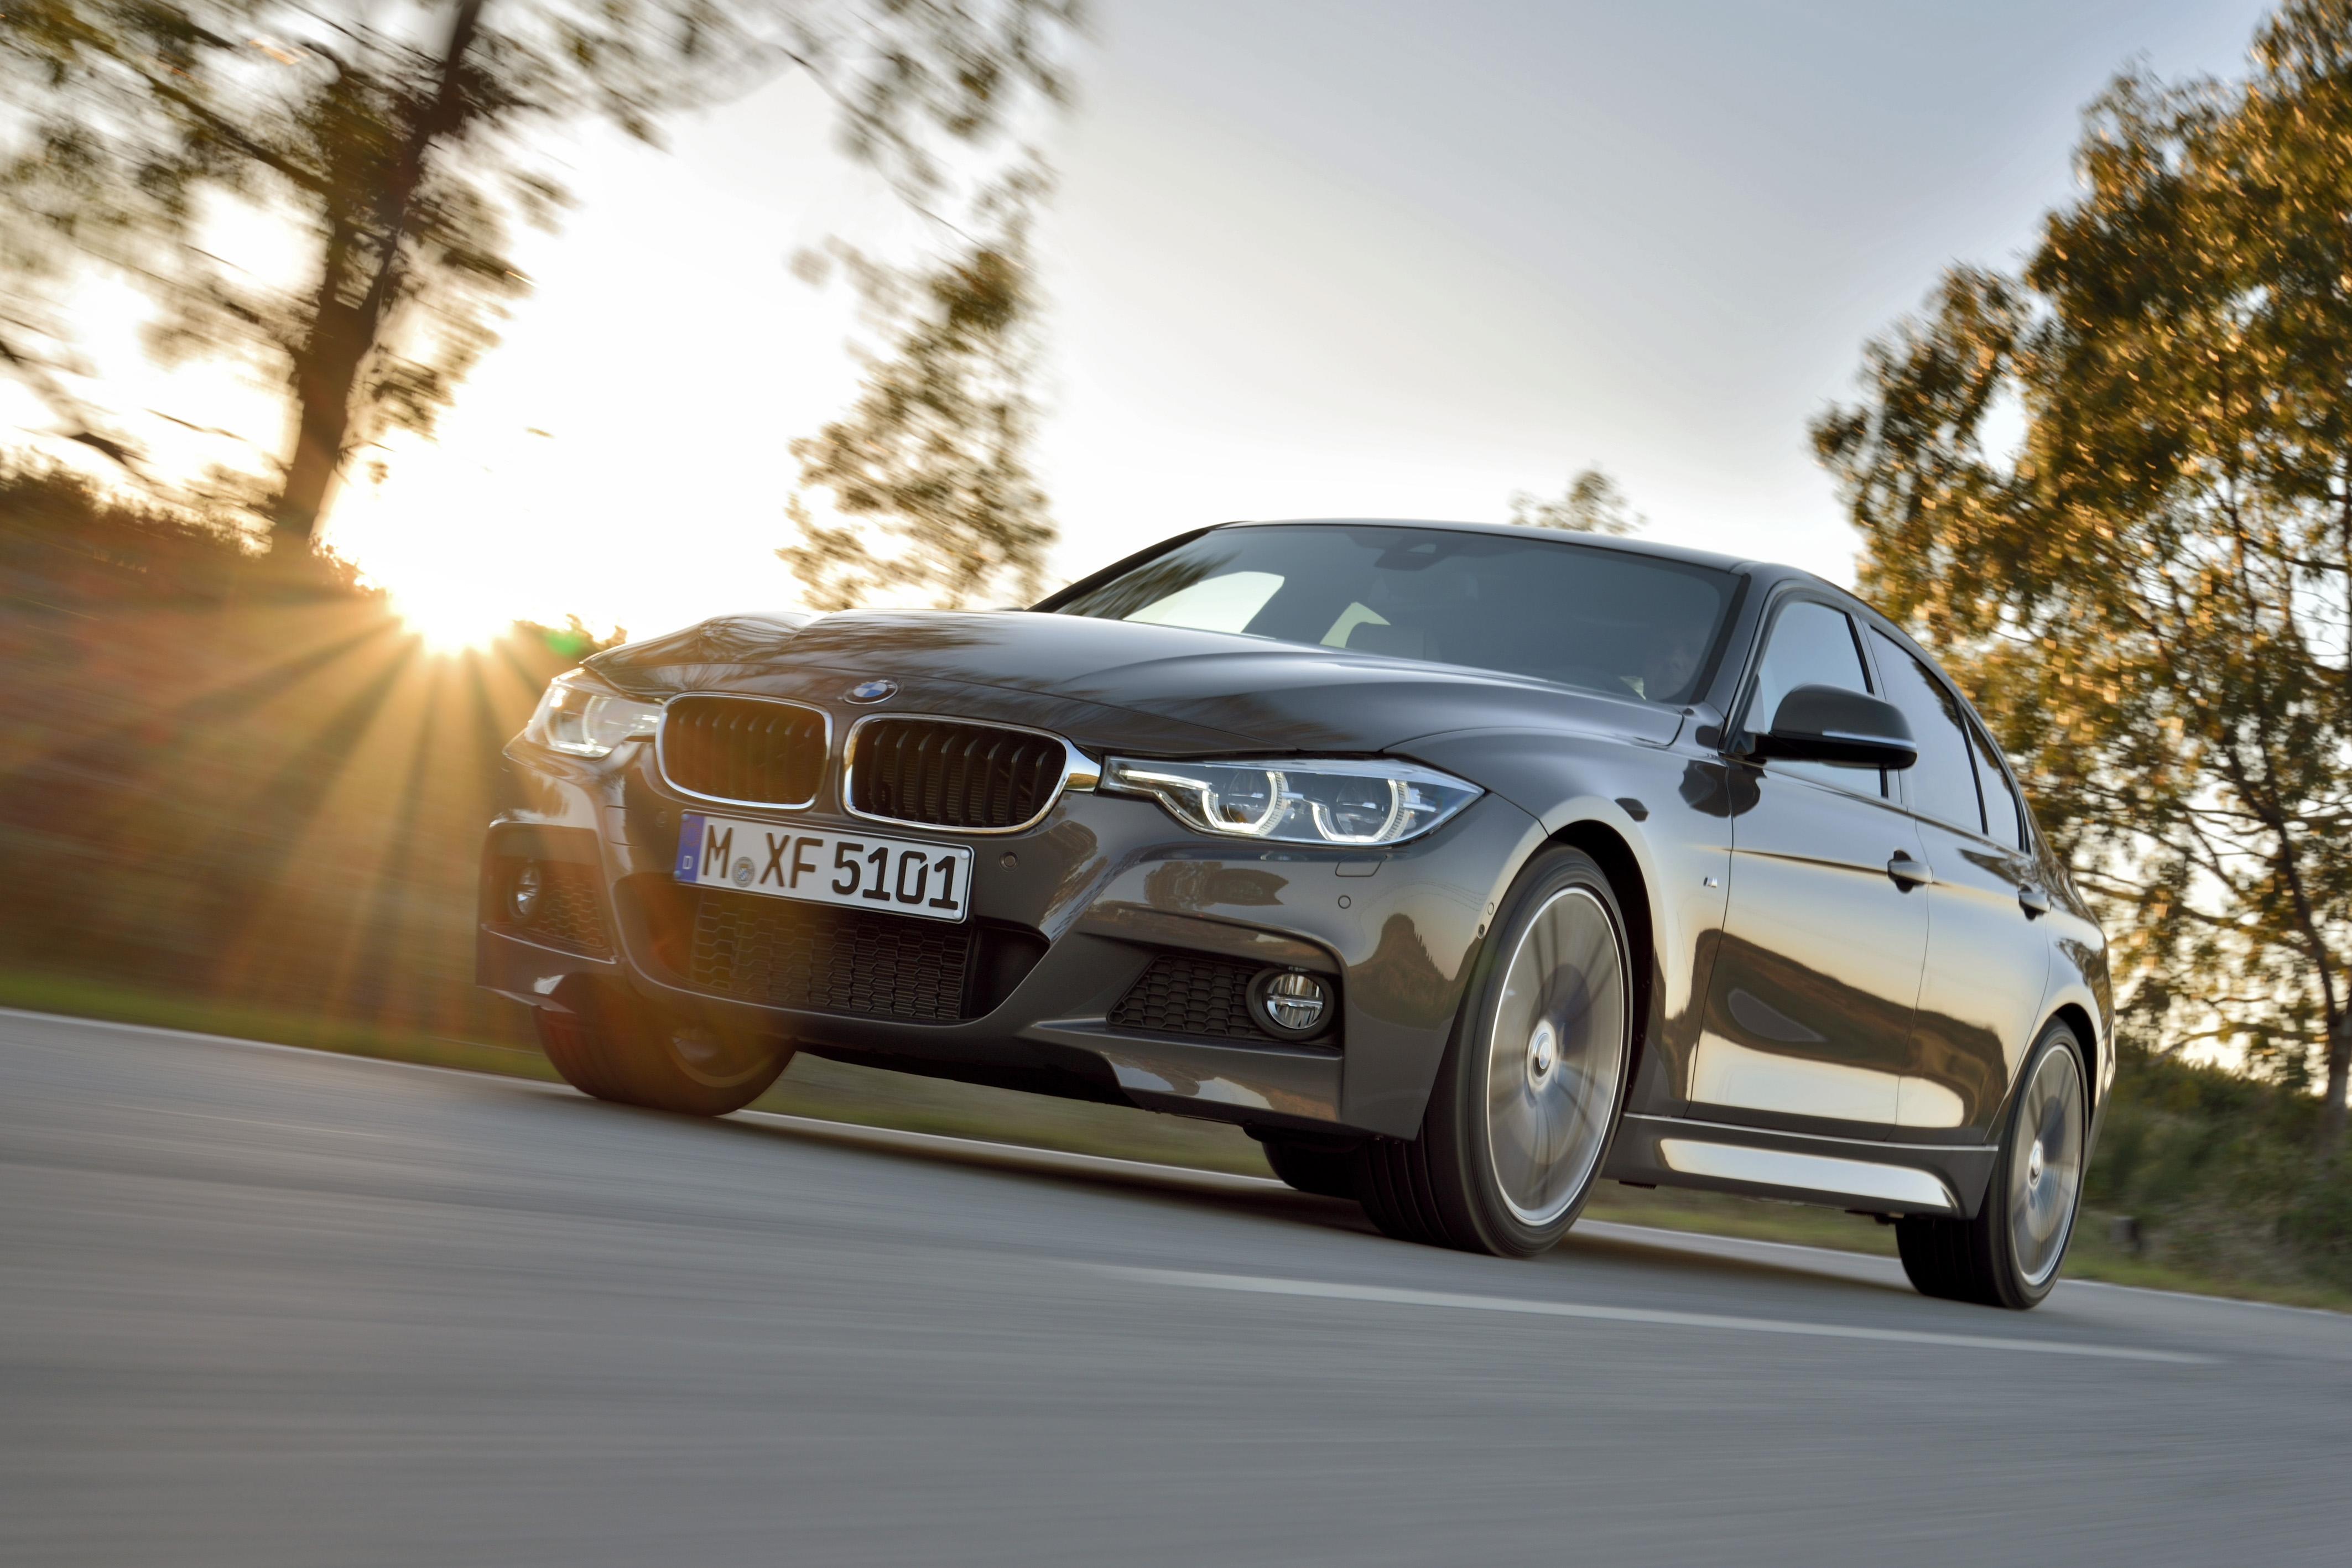 2015 BMW 340i ( F30 ) M Sport #428748 - Best quality free ...